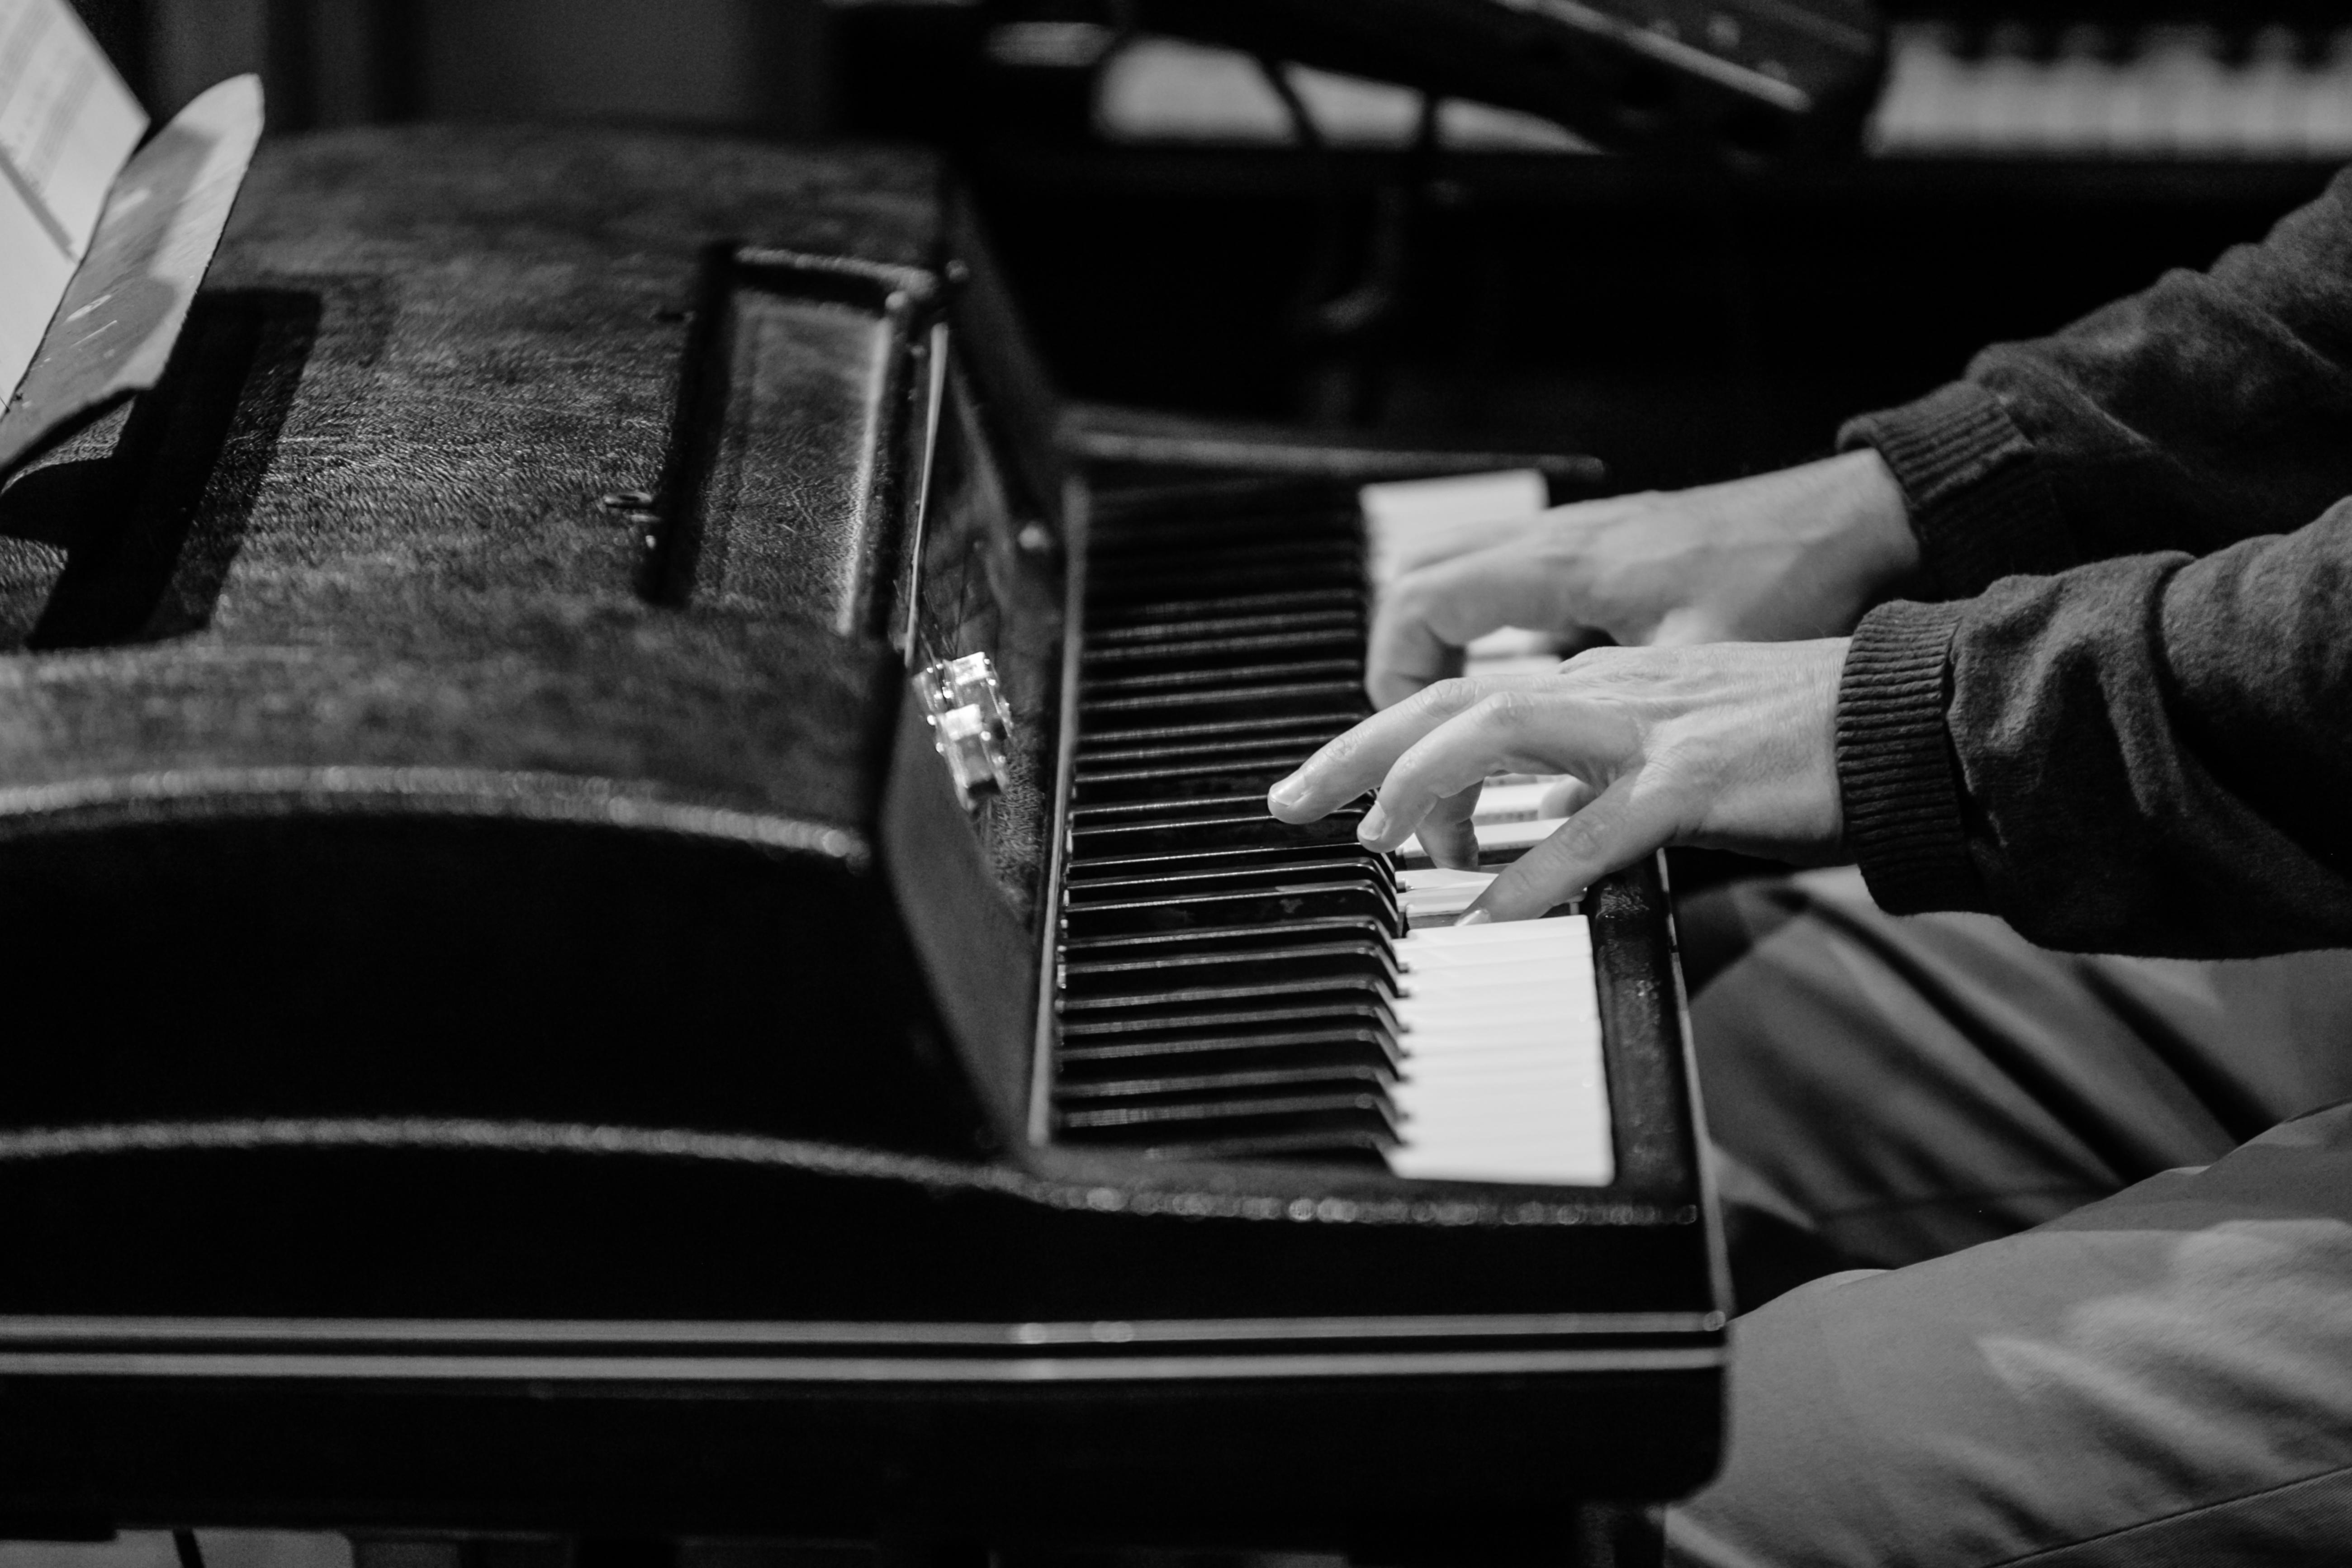 Cary Brown pianist, keyboardist, studio